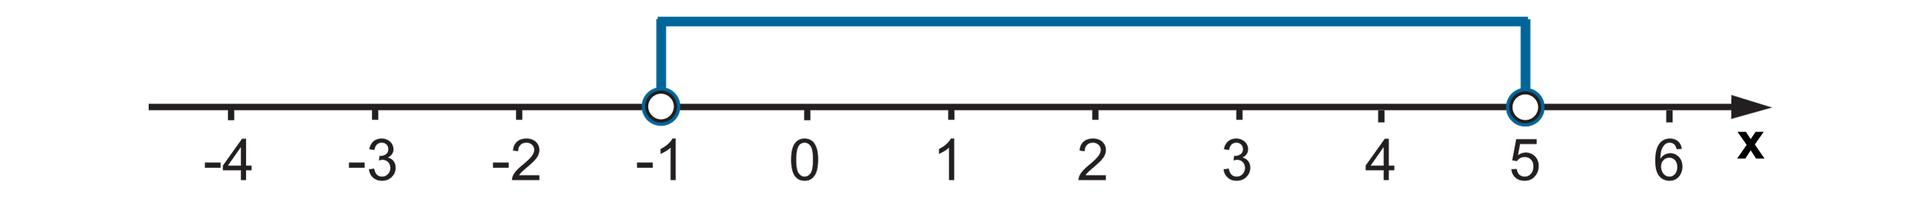 Rysunek osi liczbowej zzaznaczonymi punktami od -4 do 6. Niezamalowane kółko wpunktach -1 i5. Zaznaczone wszystkie liczby między nimi.